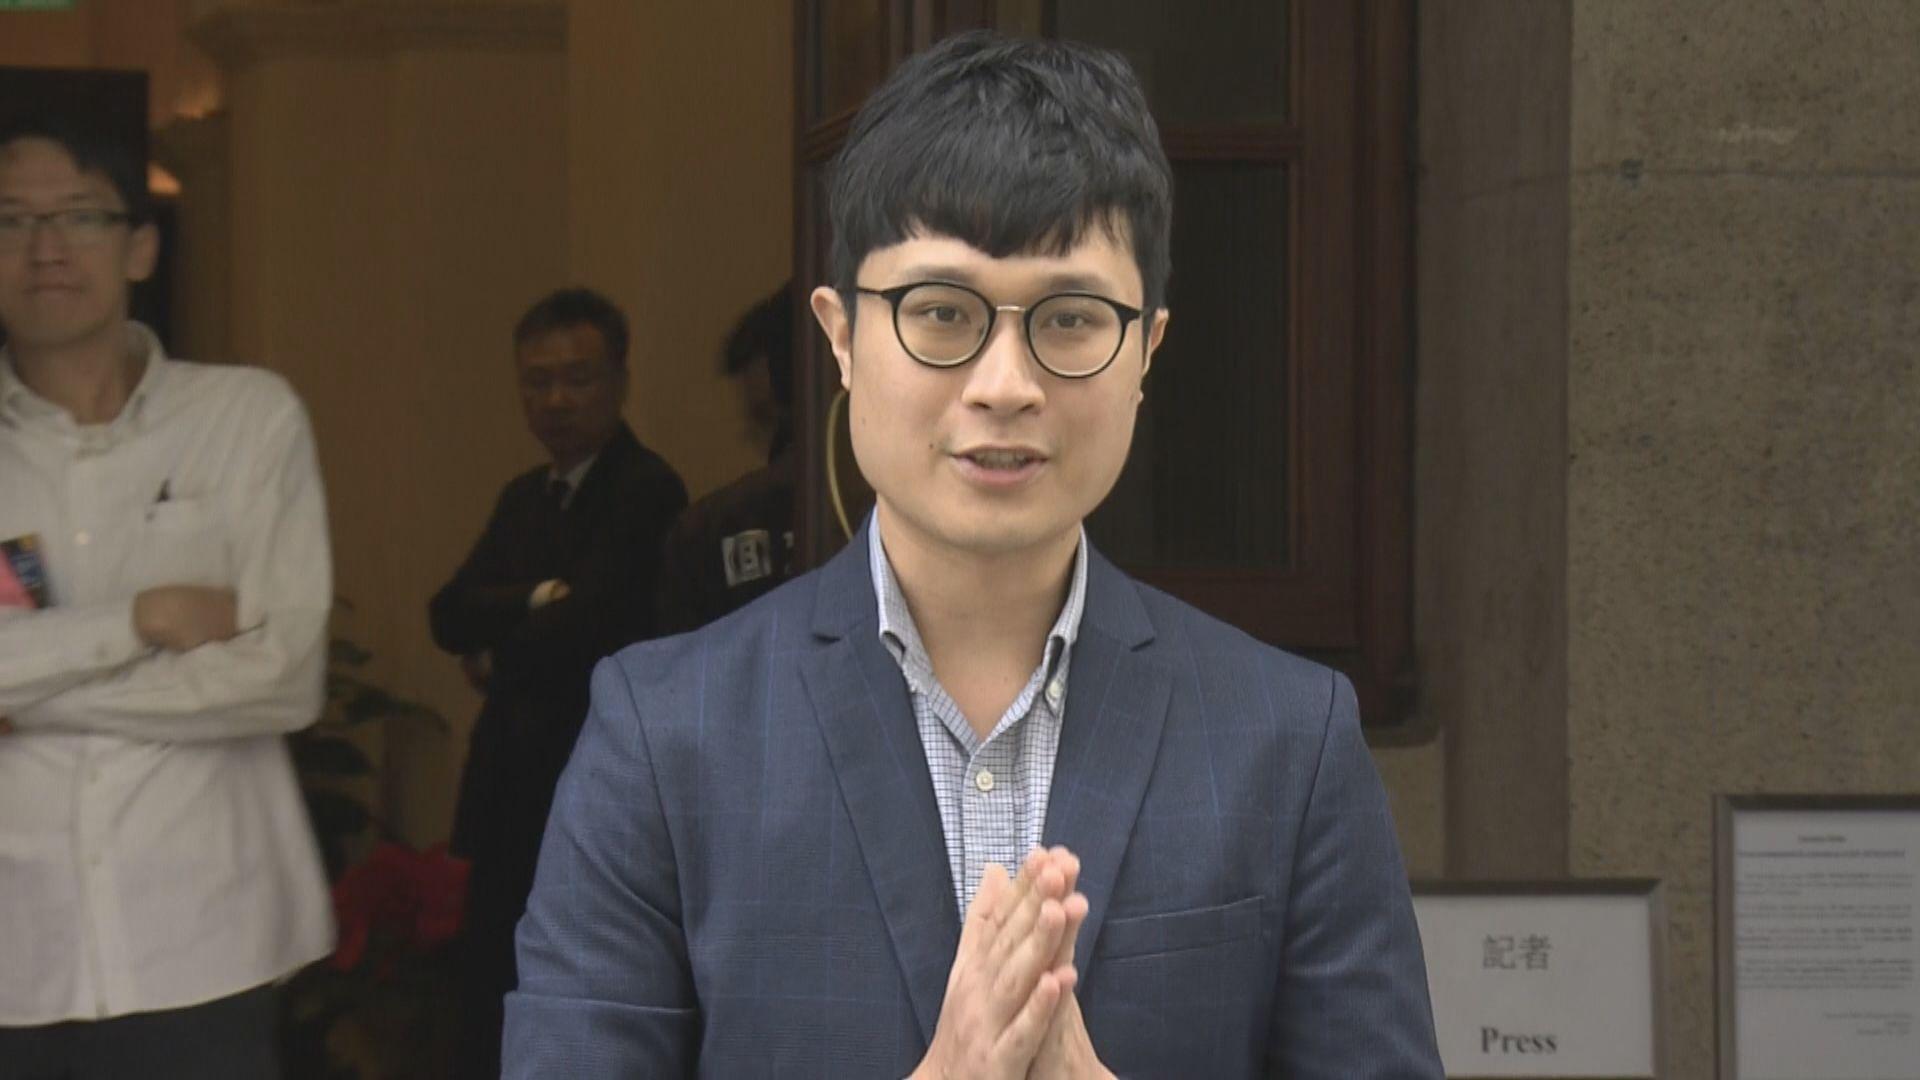 劉頴匡對民主派失議席感可惜 促選舉主任停止政治篩選